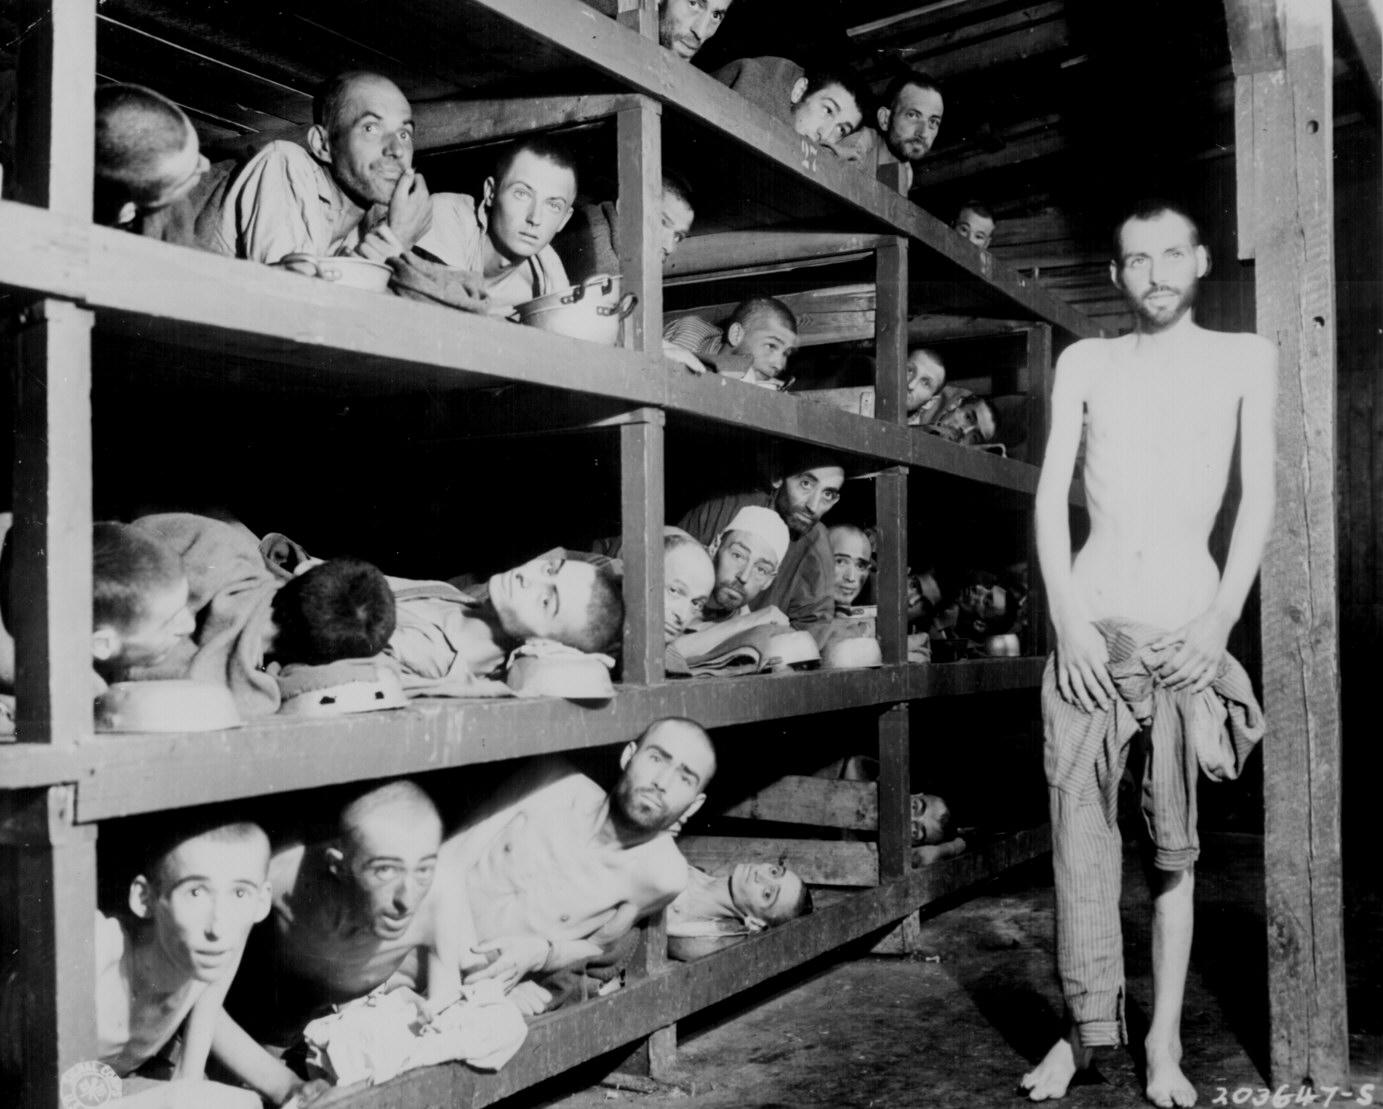 Узники Бухенвальда. Снимок сделан американским солдатом в апреле 1945 г.